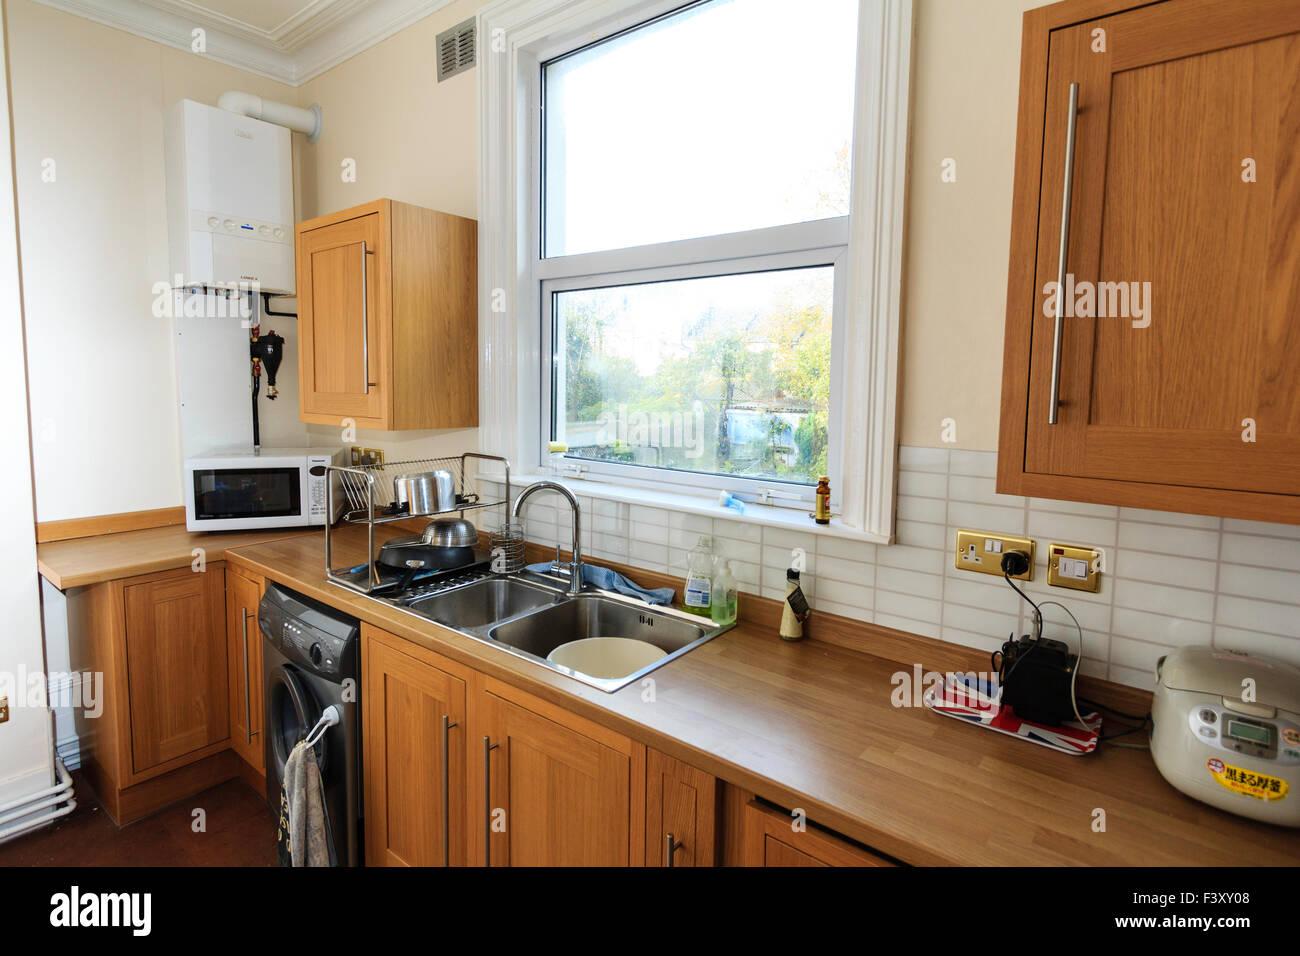 Piano Cucina In Legno Lamellare : Di recente decorate cucina con armadi in legno lamellare e